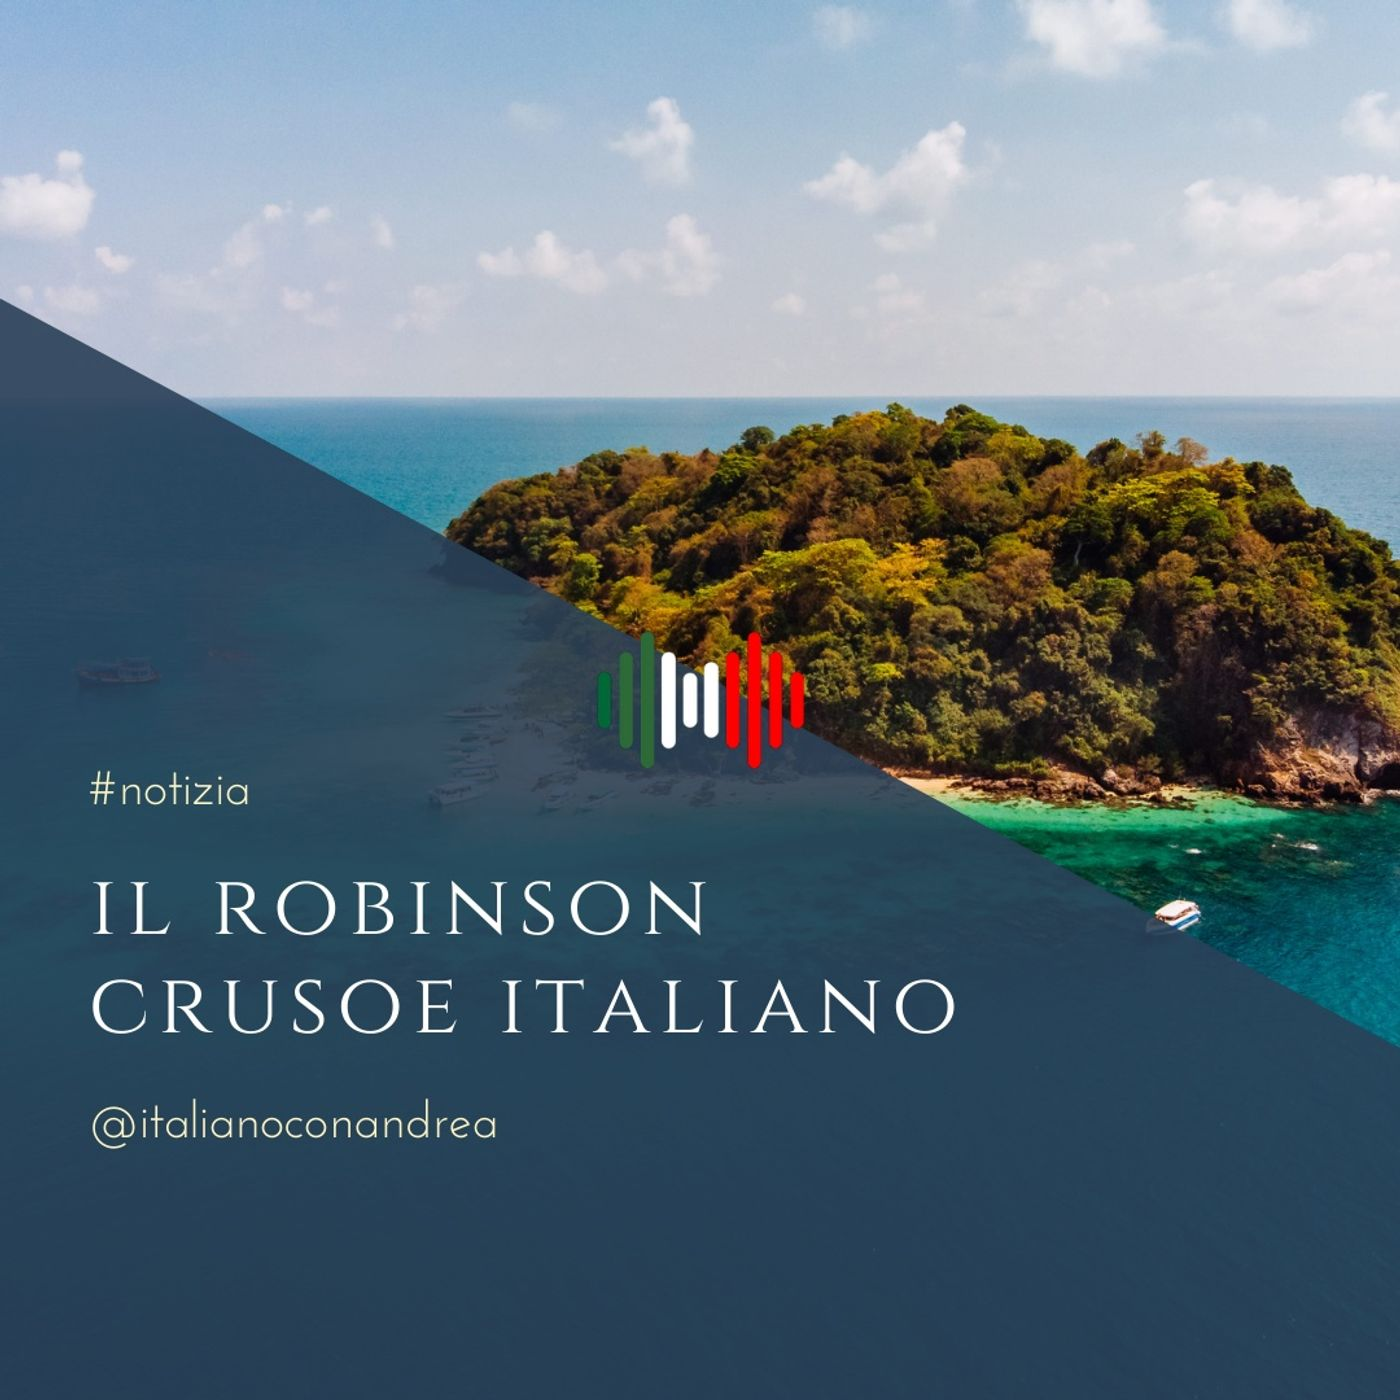 272. NOTIZIA: Il Robinson Crusoe italiano